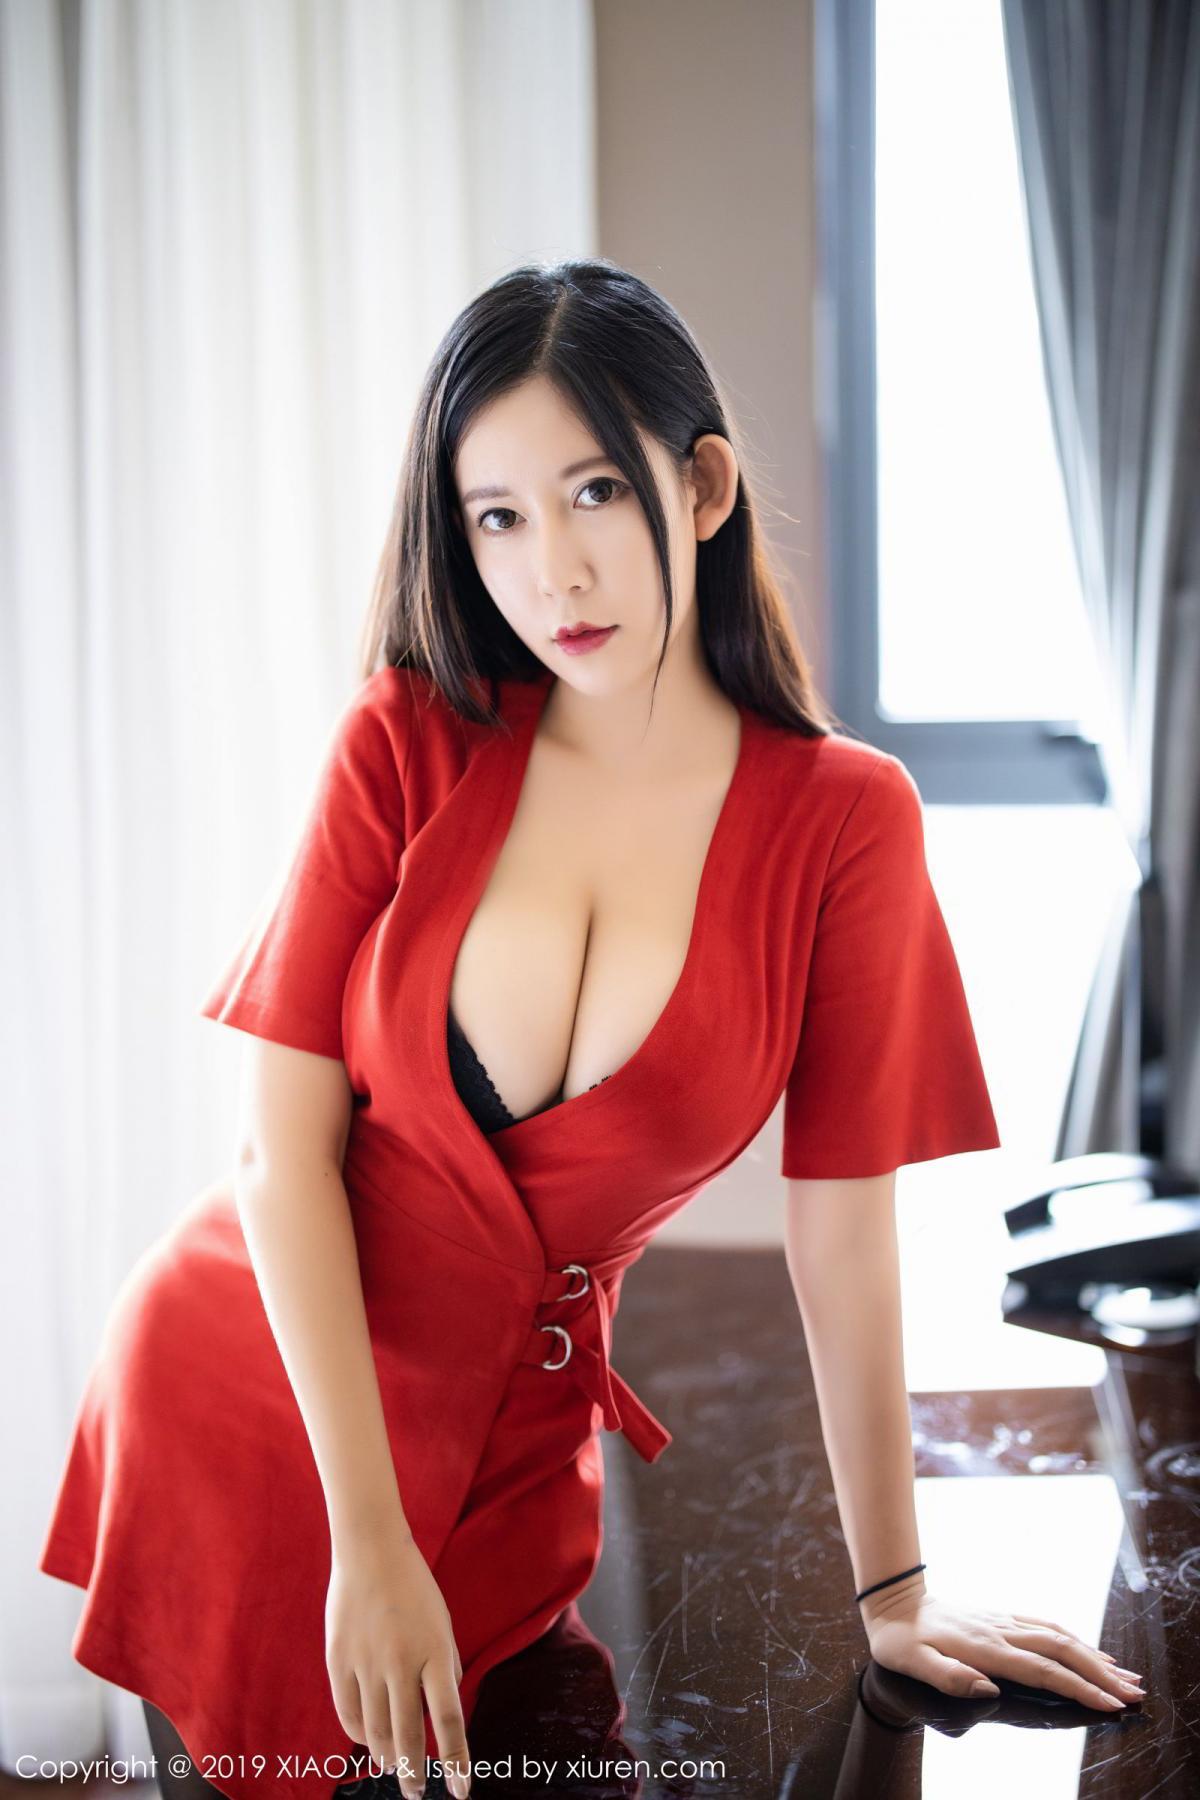 [XiaoYu] Vol.166 Li Ya 6P, Li Ya, Underwear, XiaoYu